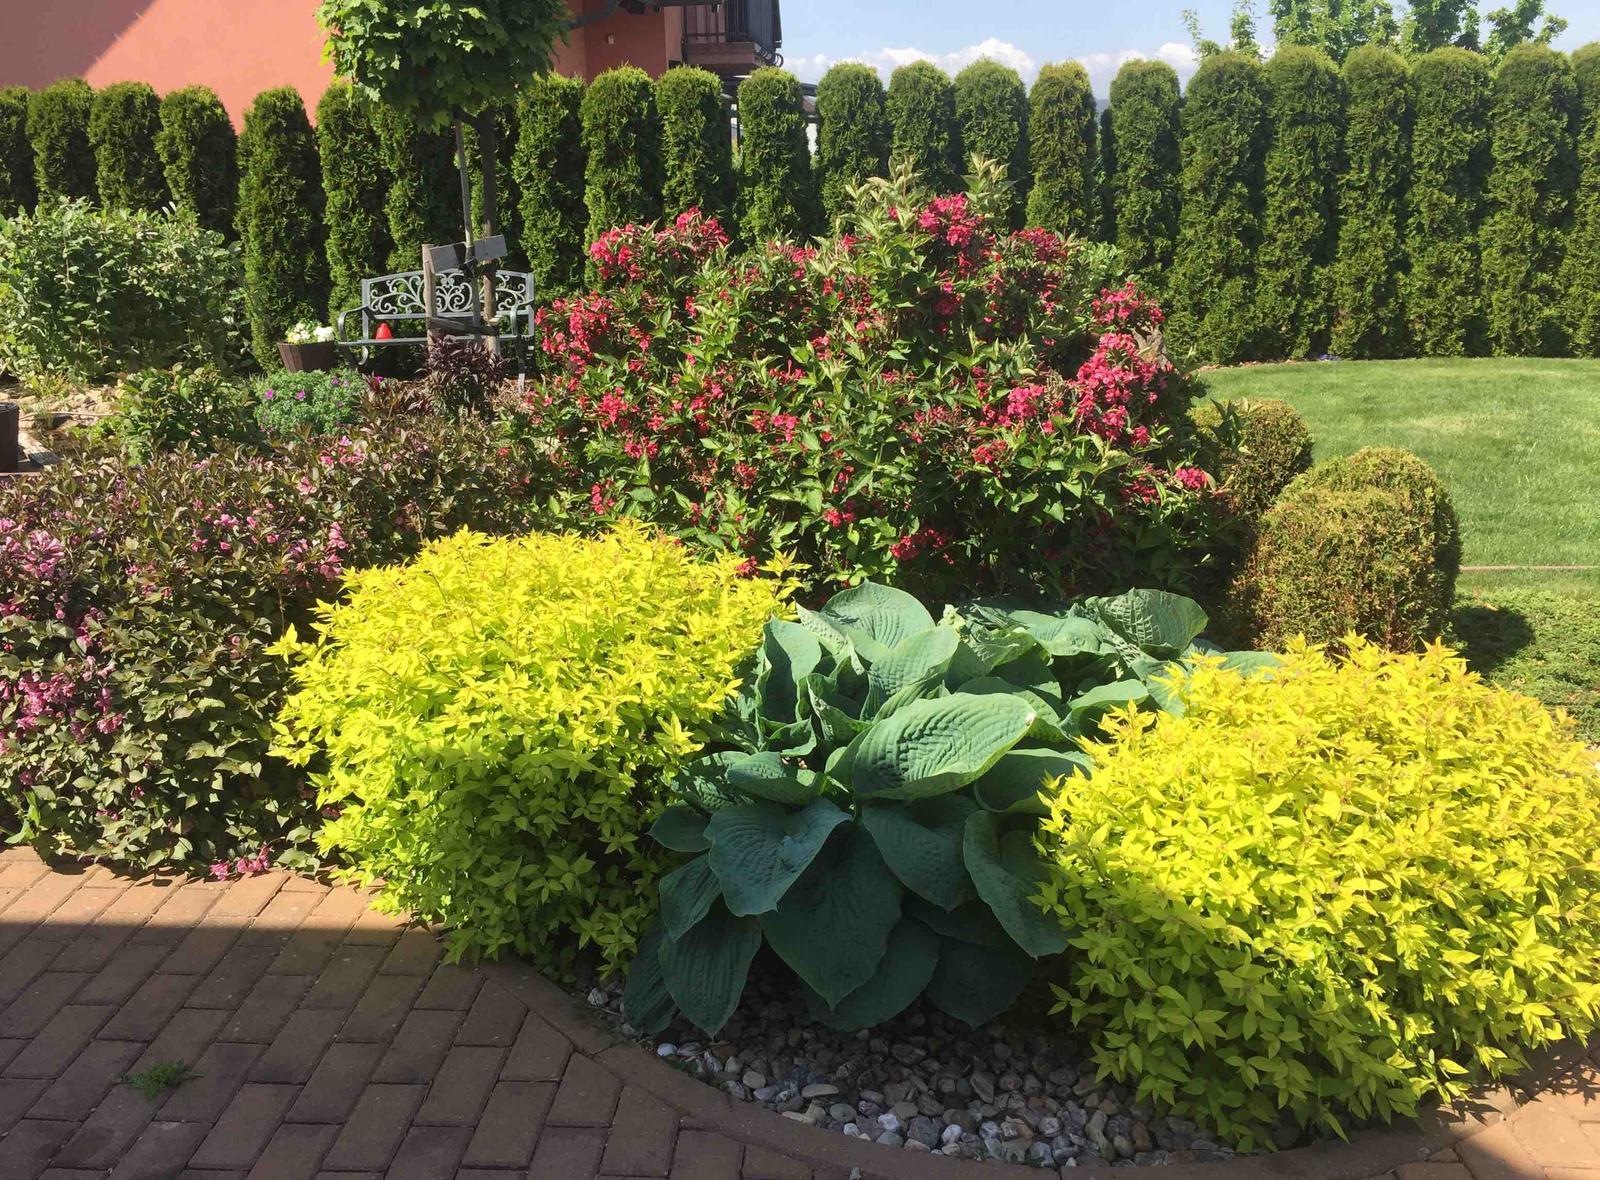 Naše barevná zahrada 🌸 rok 2020 - Tavolníky dělají krásnou parádu a mezi nimi je snad ta největší bohyška 🤗 také vajgélie v květu 🌸